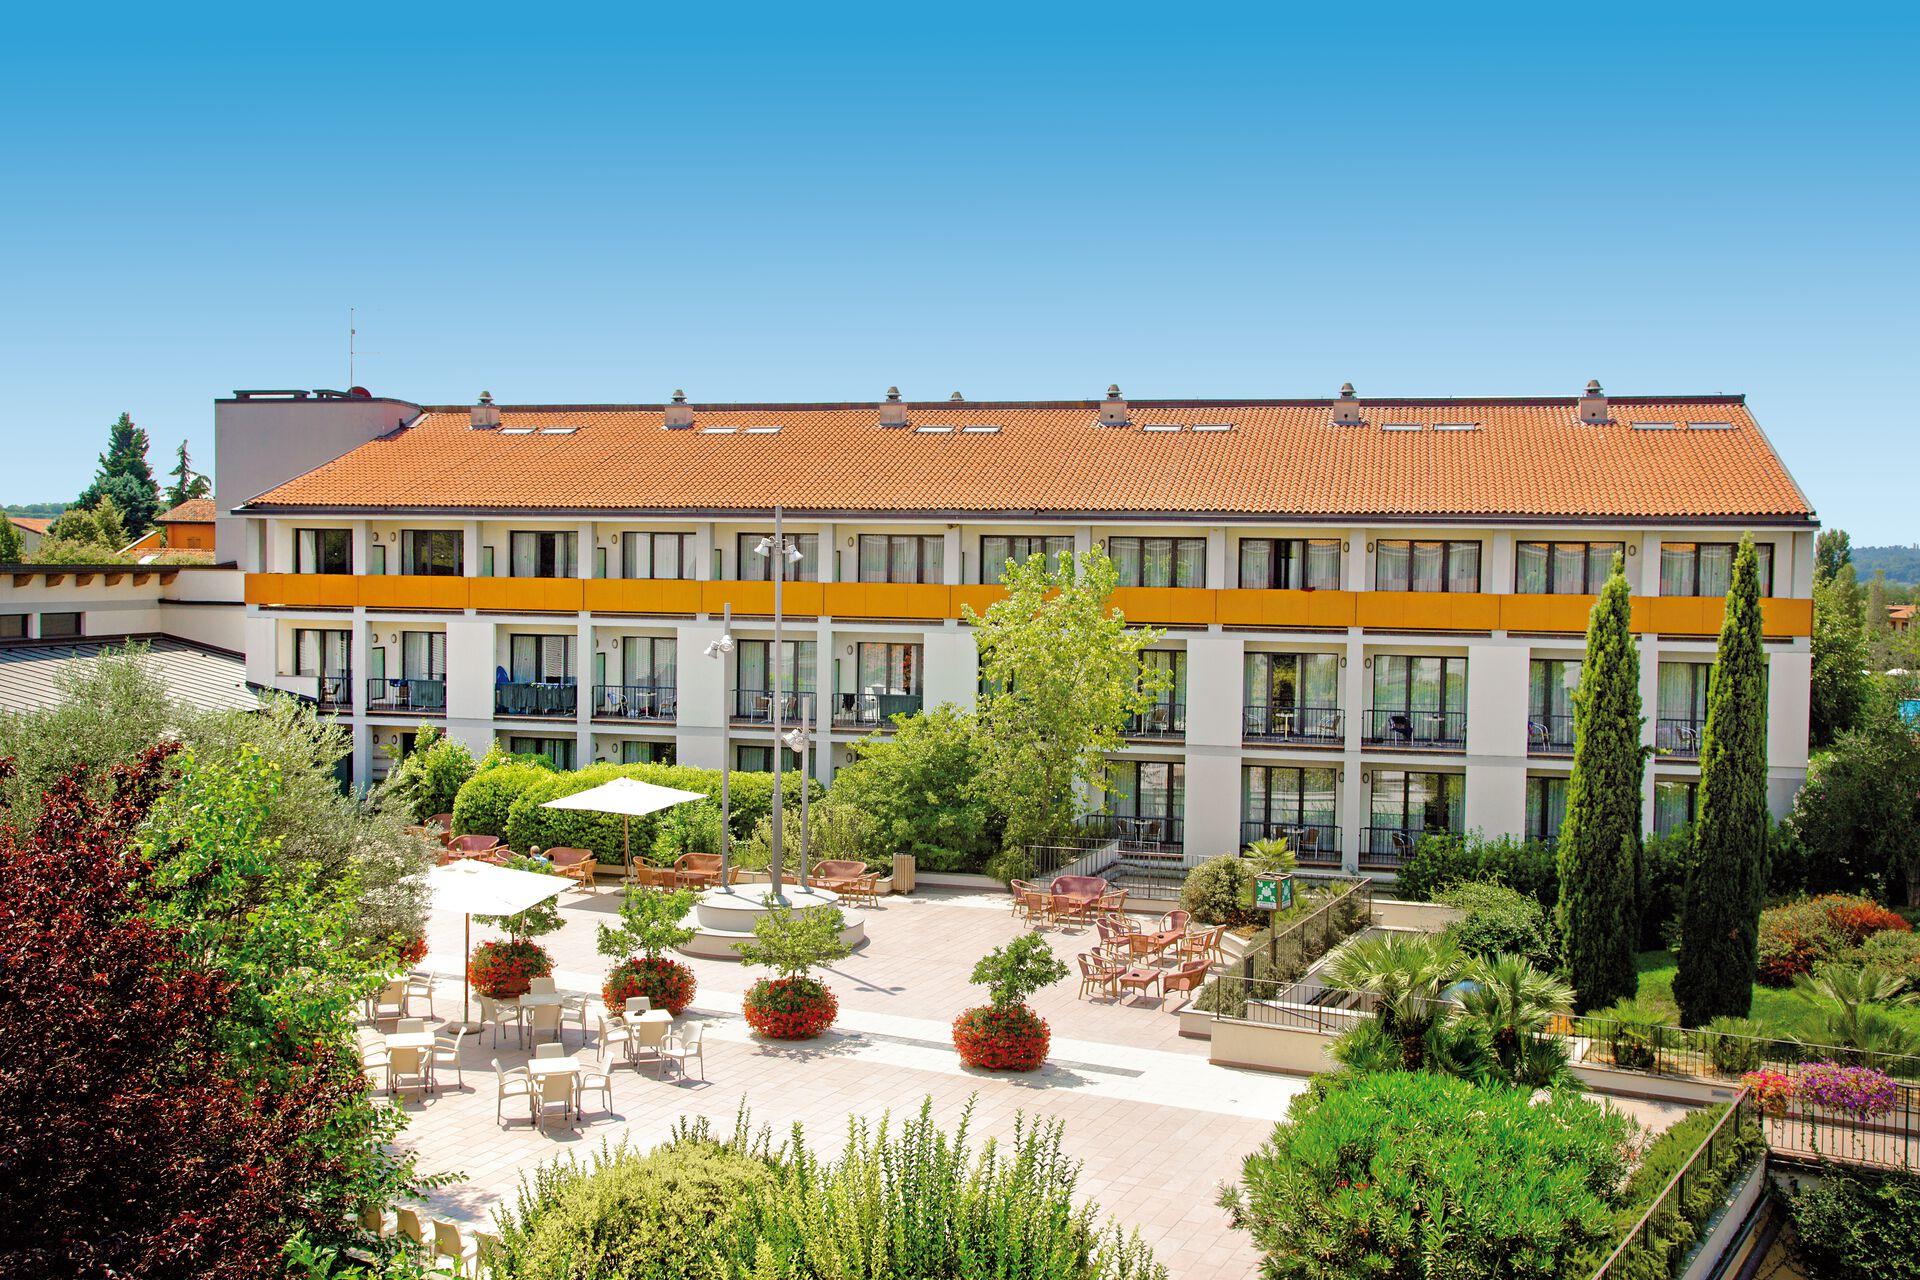 Herzlich Willkommen in Ihrem 4-Sterne-Parc Hotel